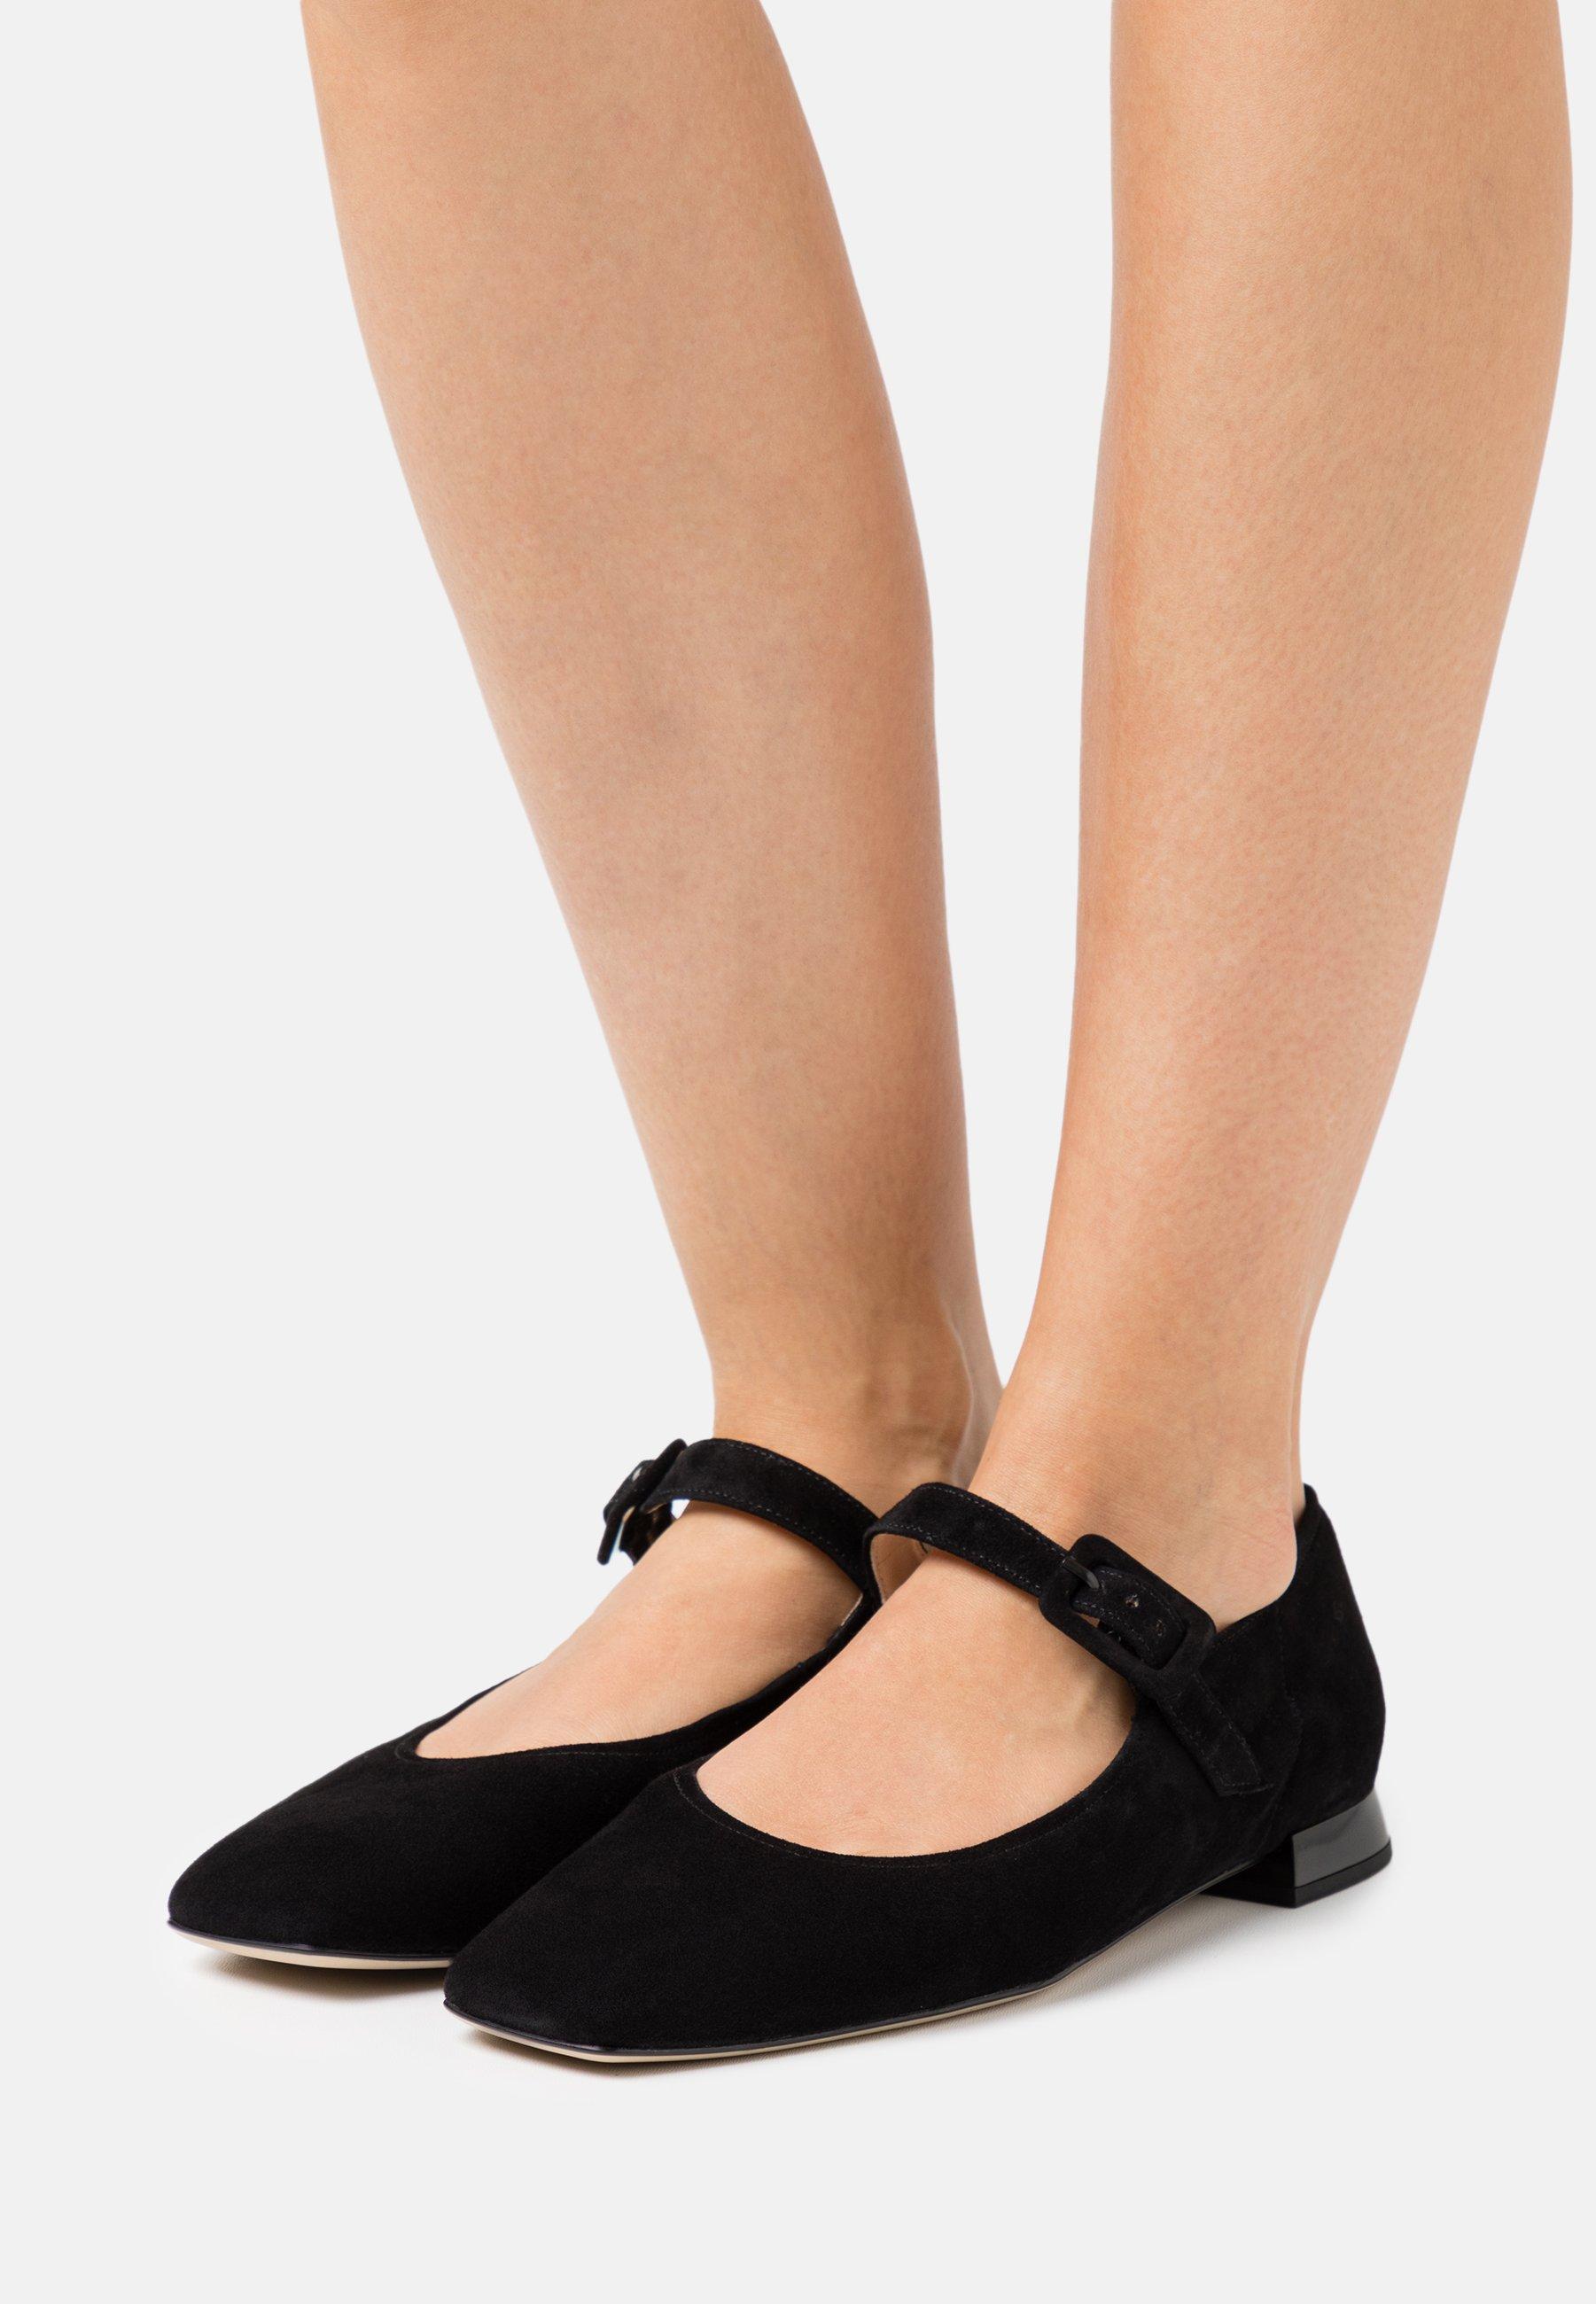 Women DUCKY - Ankle strap ballet pumps - schwarz